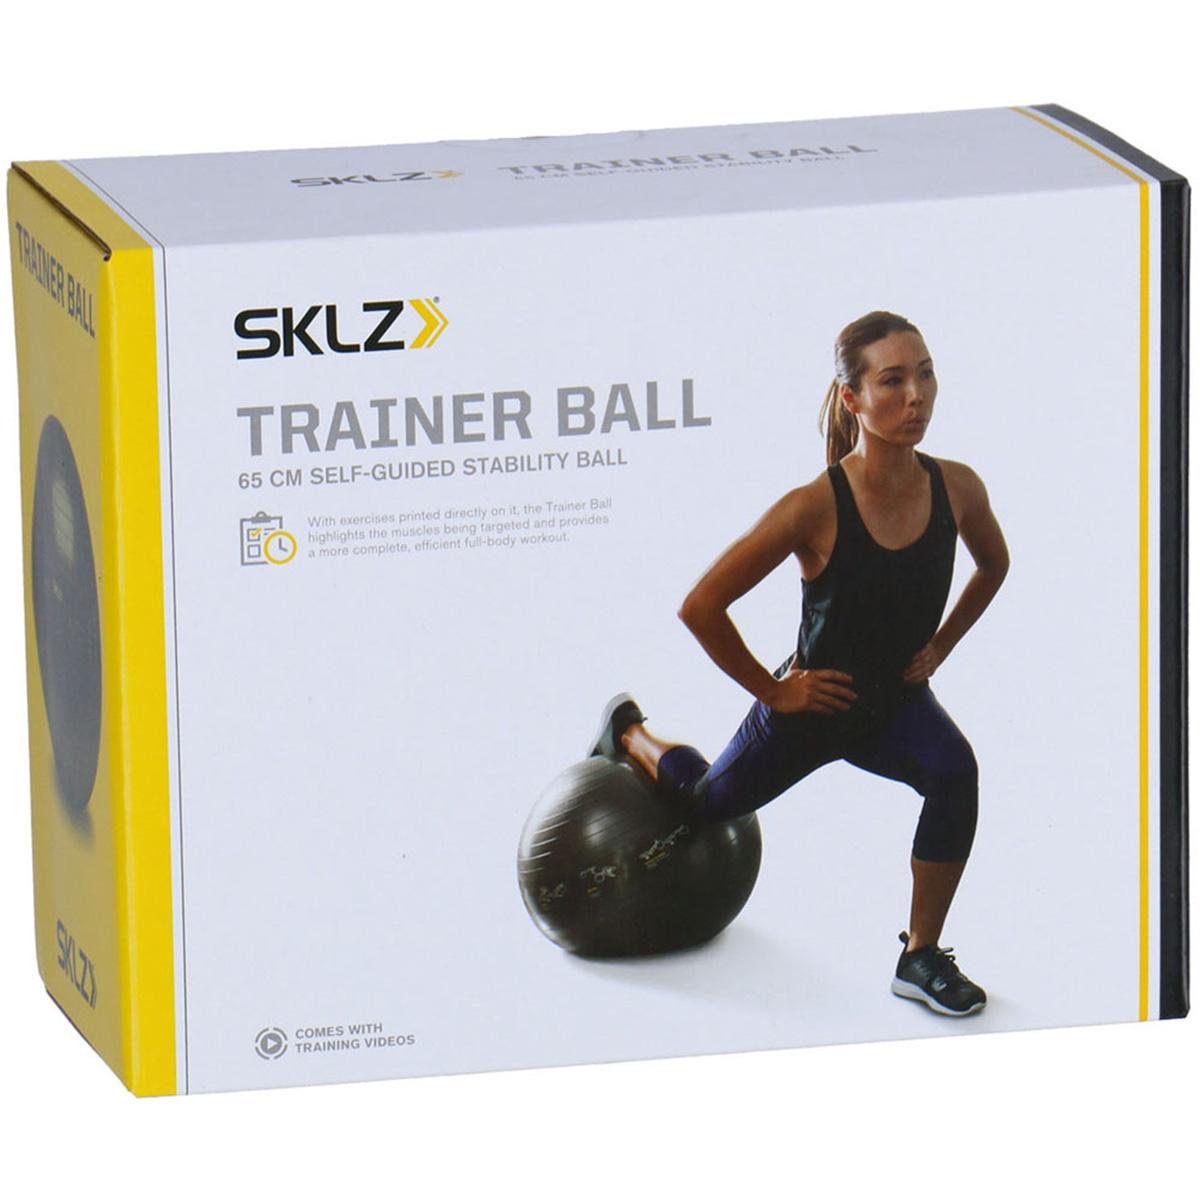 バランス トレーナーボール 65cm SPORT PERFORMANCE